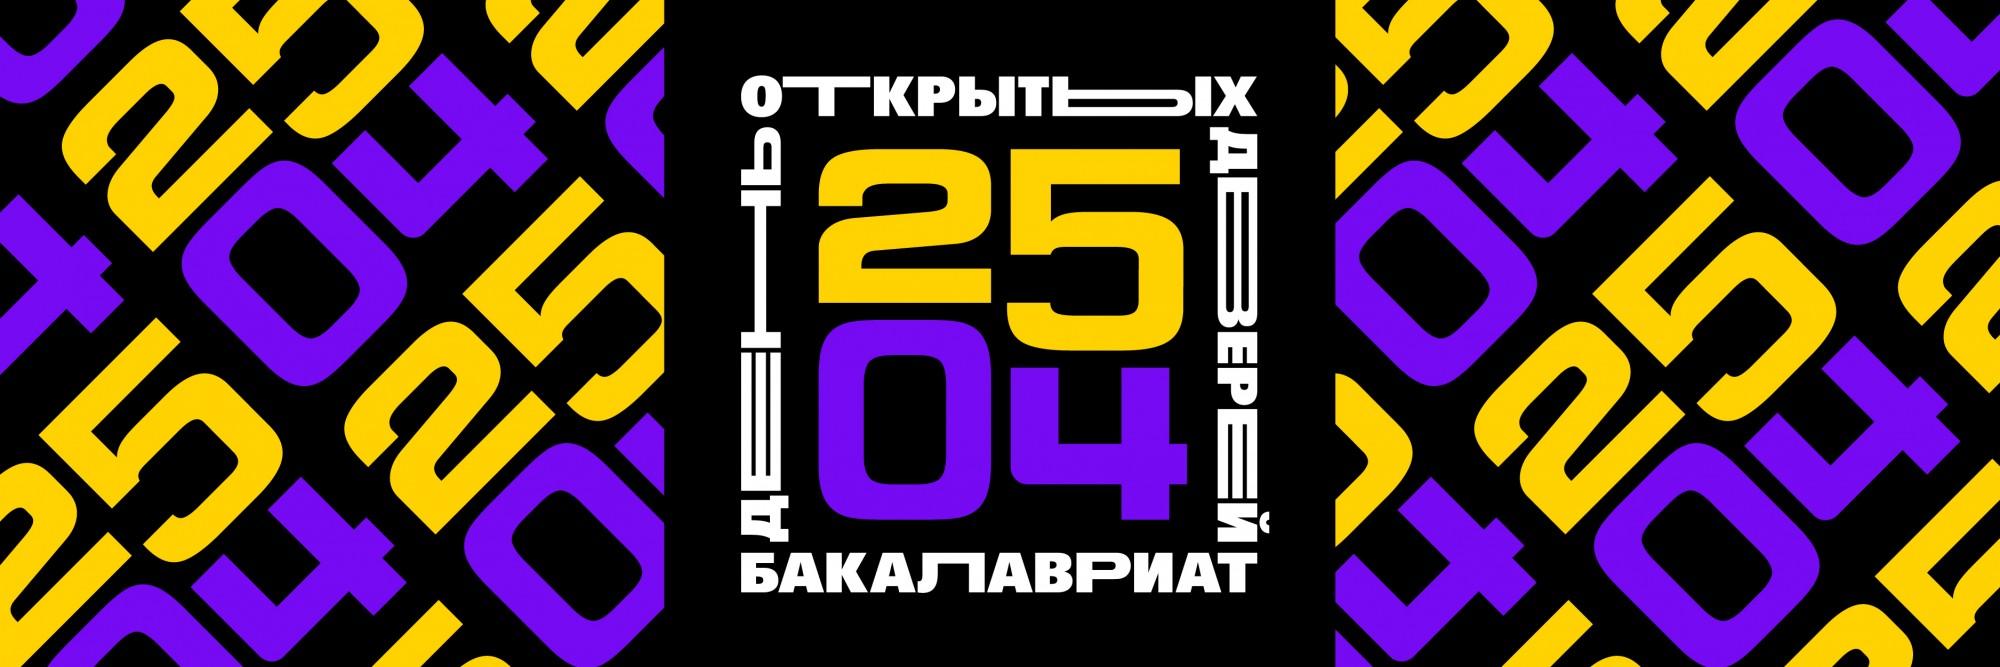 900х300_ДОД25